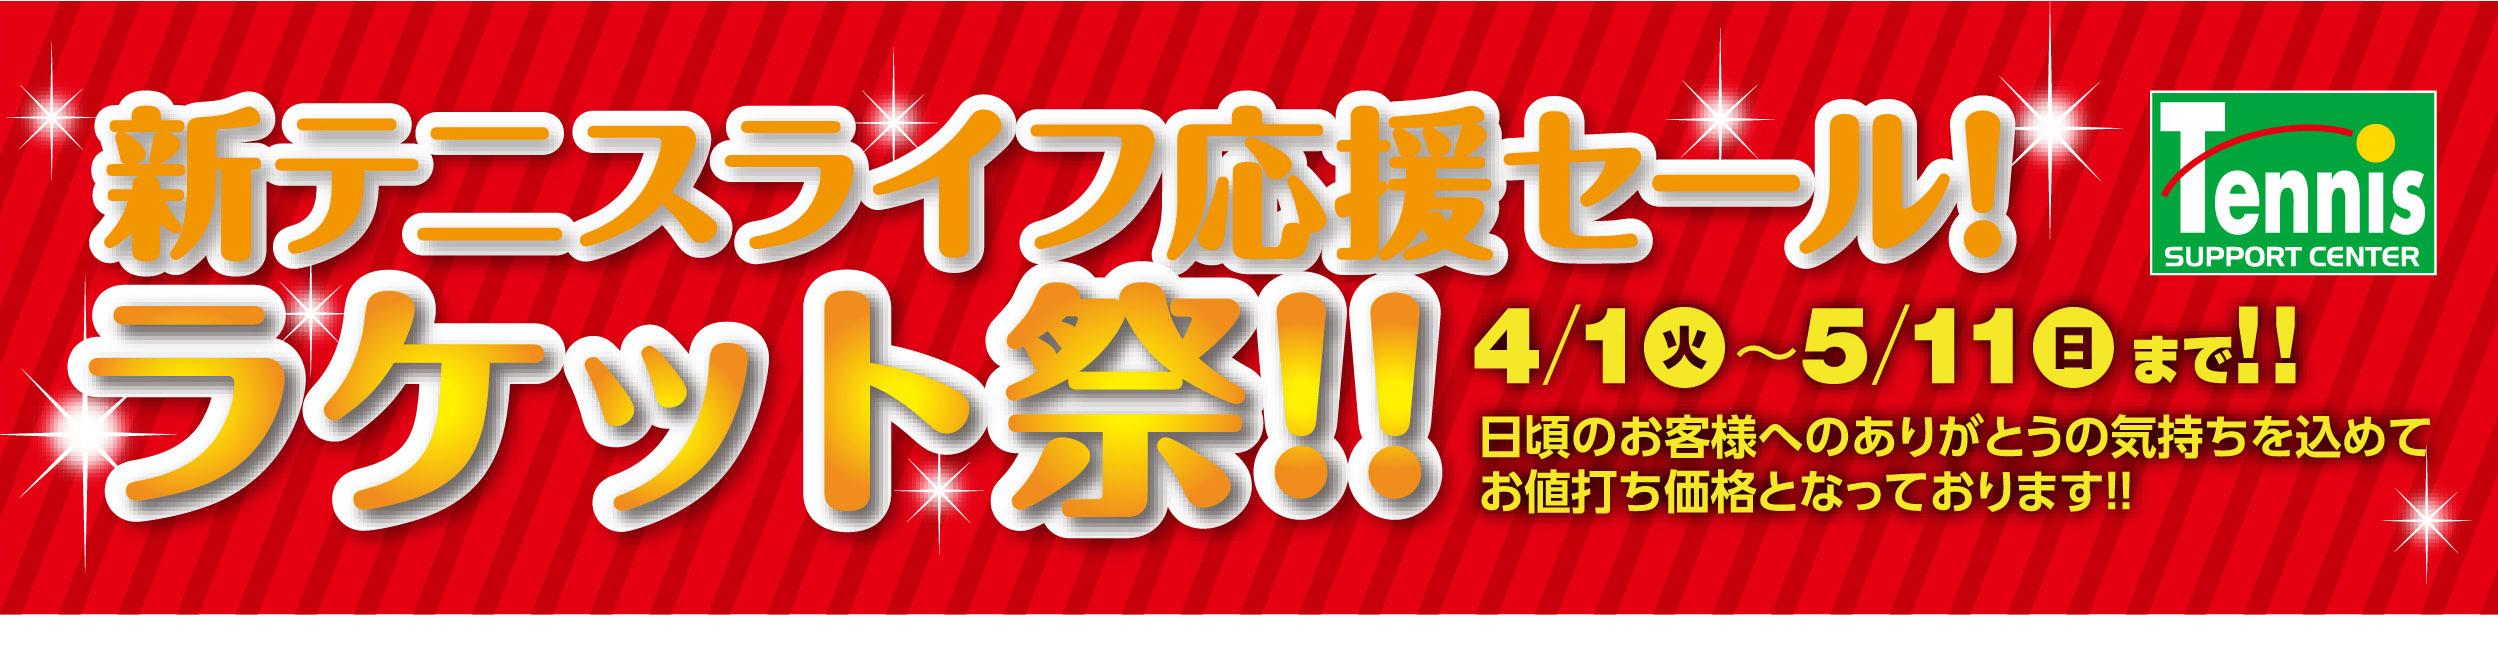 新テニスライフ応援セール!ラケット祭!!【4/1~5/11まで】